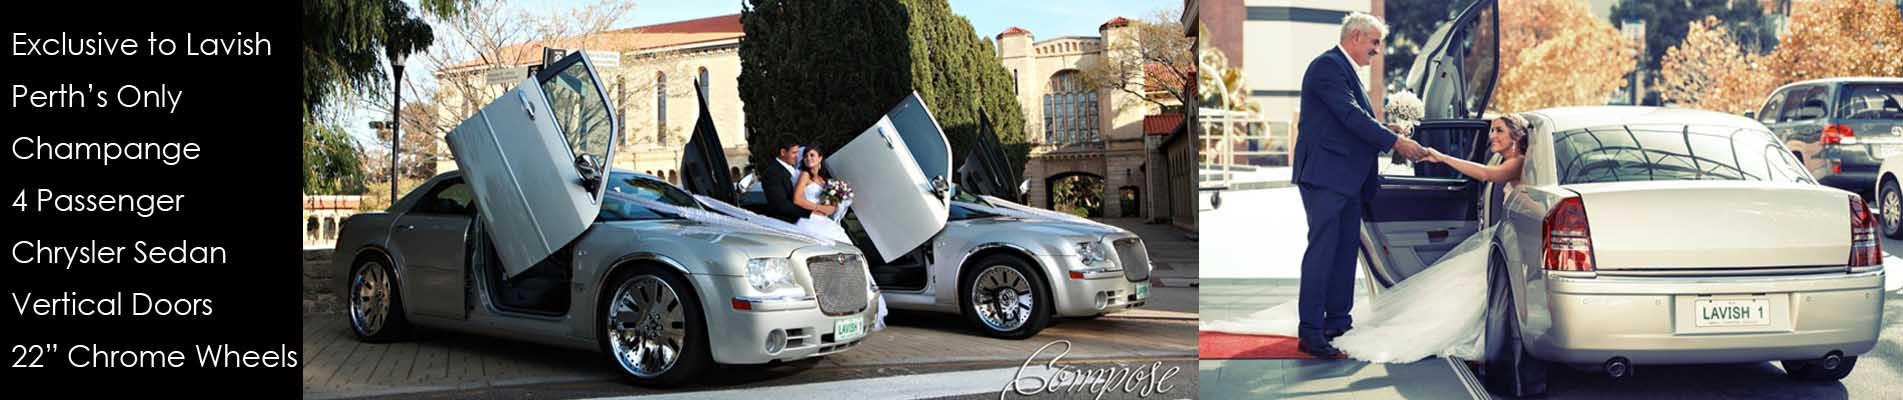 Champagne Chrysler 300C Sedan 4 Seater.jpg